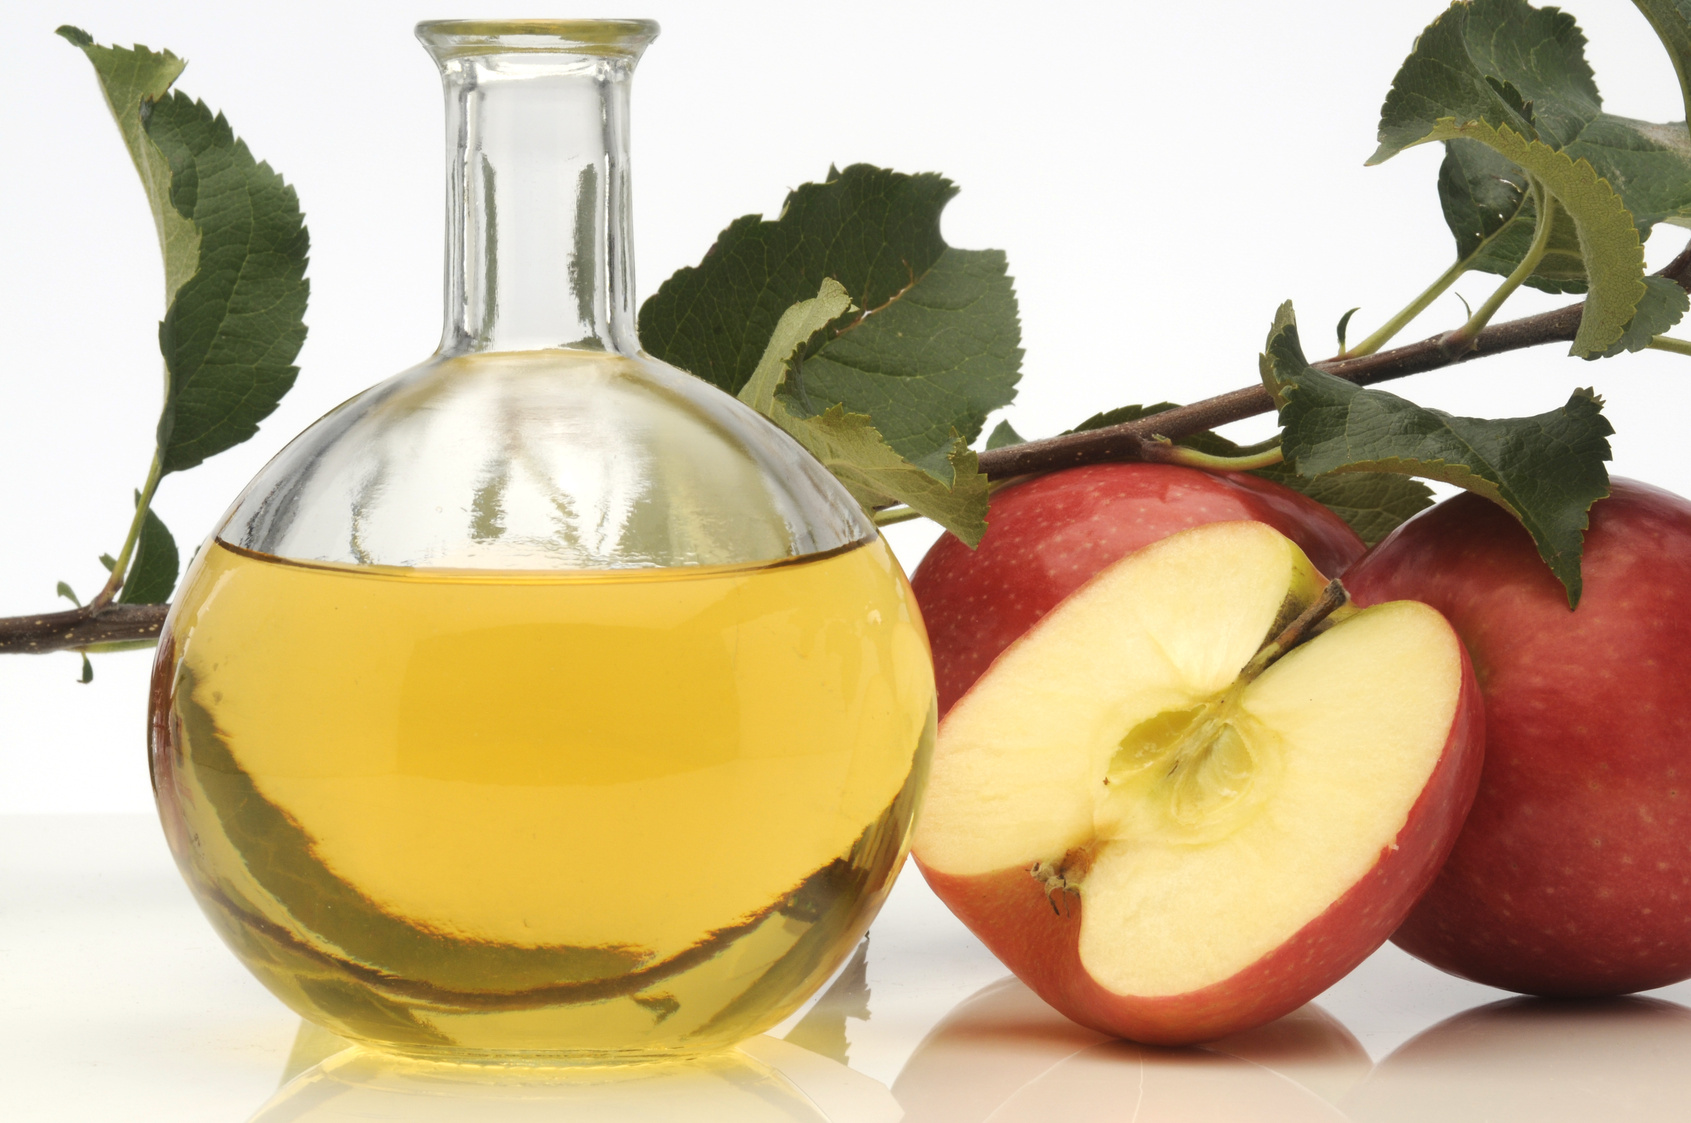 Яблочный уксус при варикозе: как и зачем принимать?